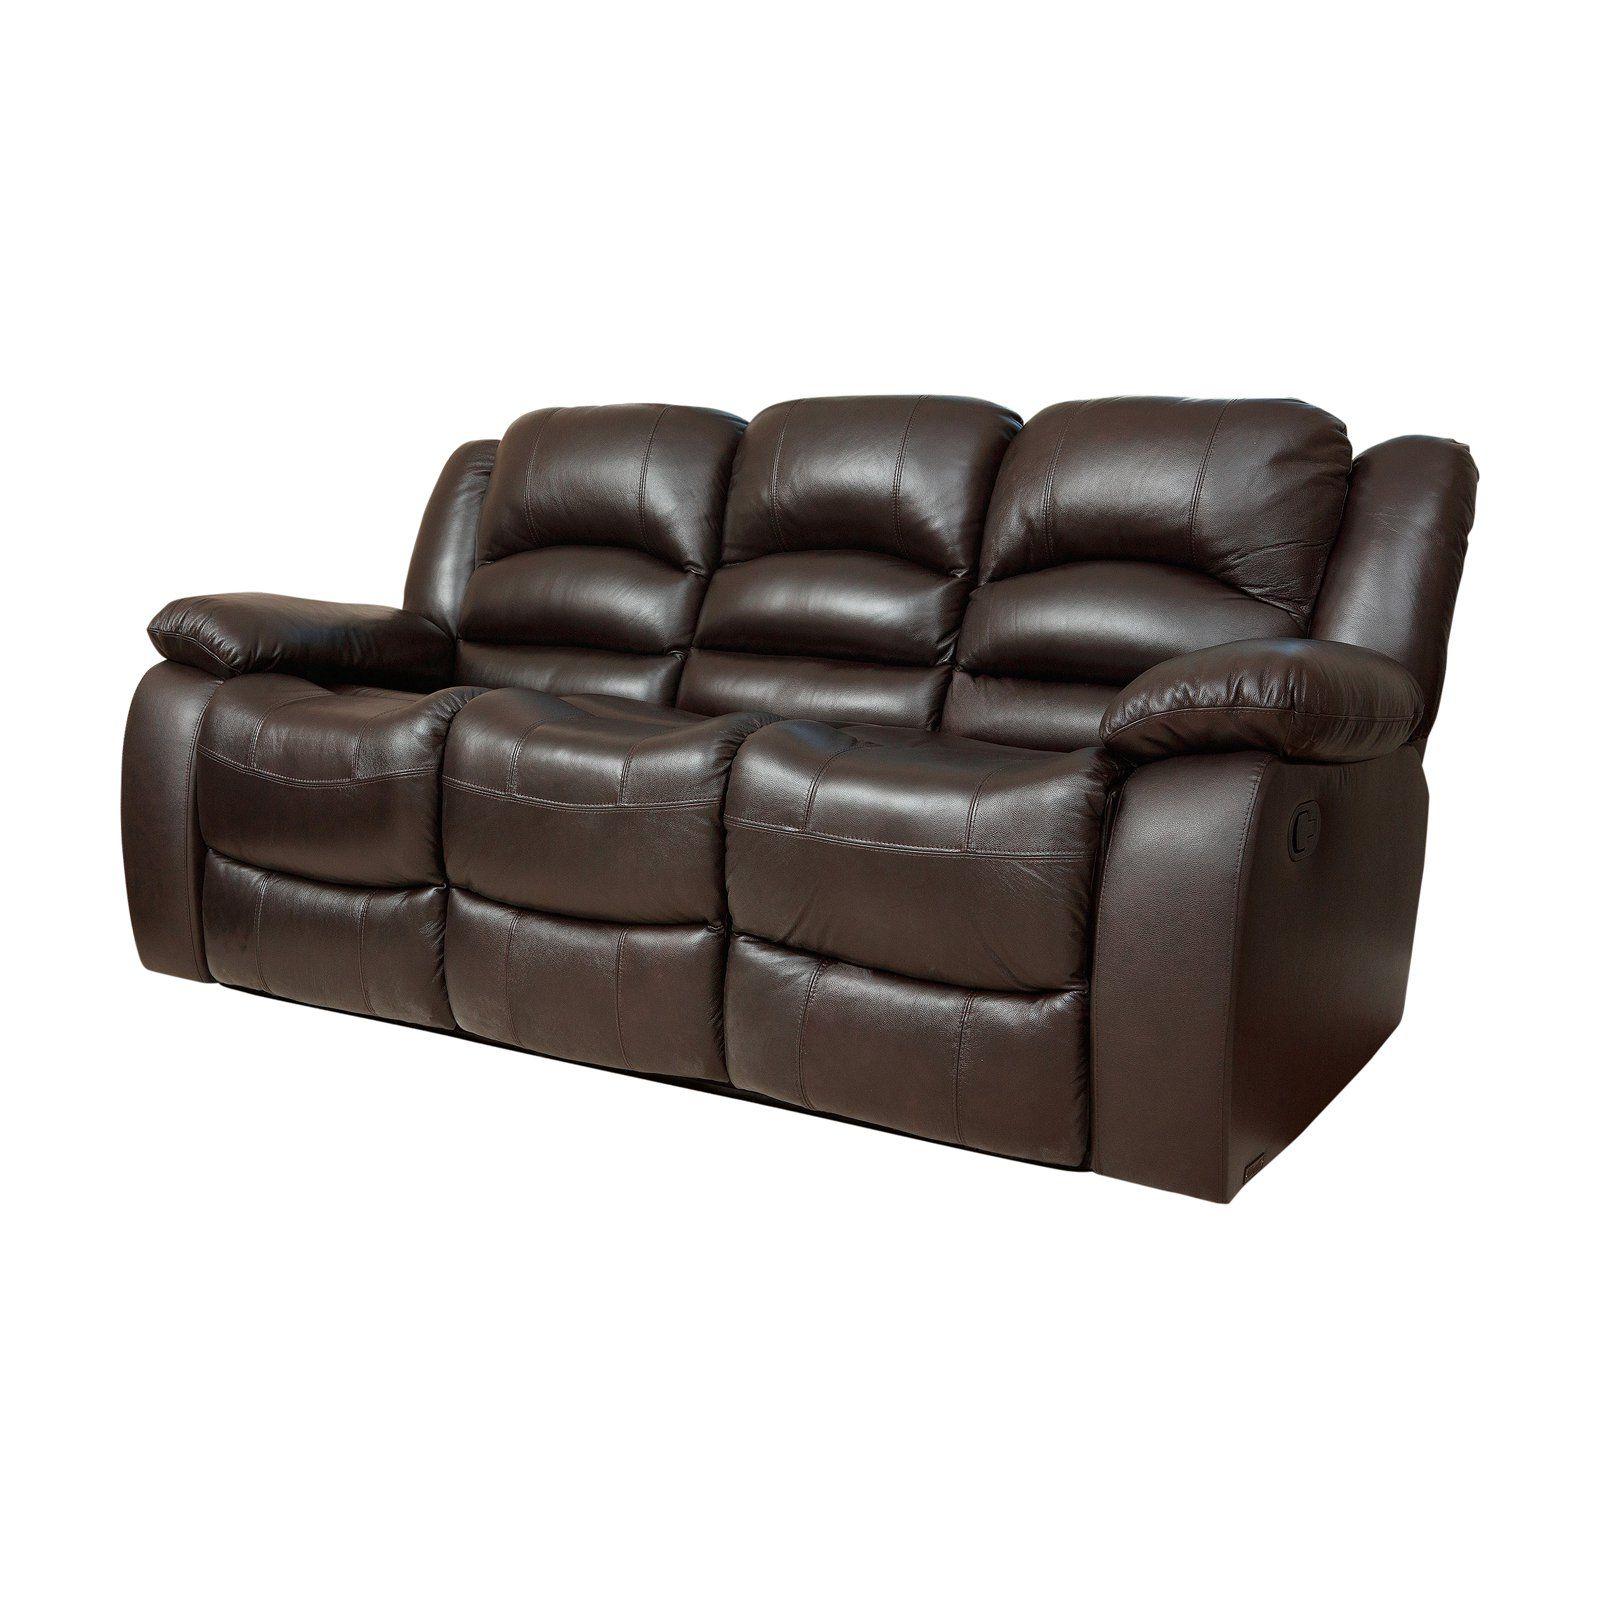 Best Abbyson Ashlyn Reclining Sofa Reclining Sofa Leather 400 x 300